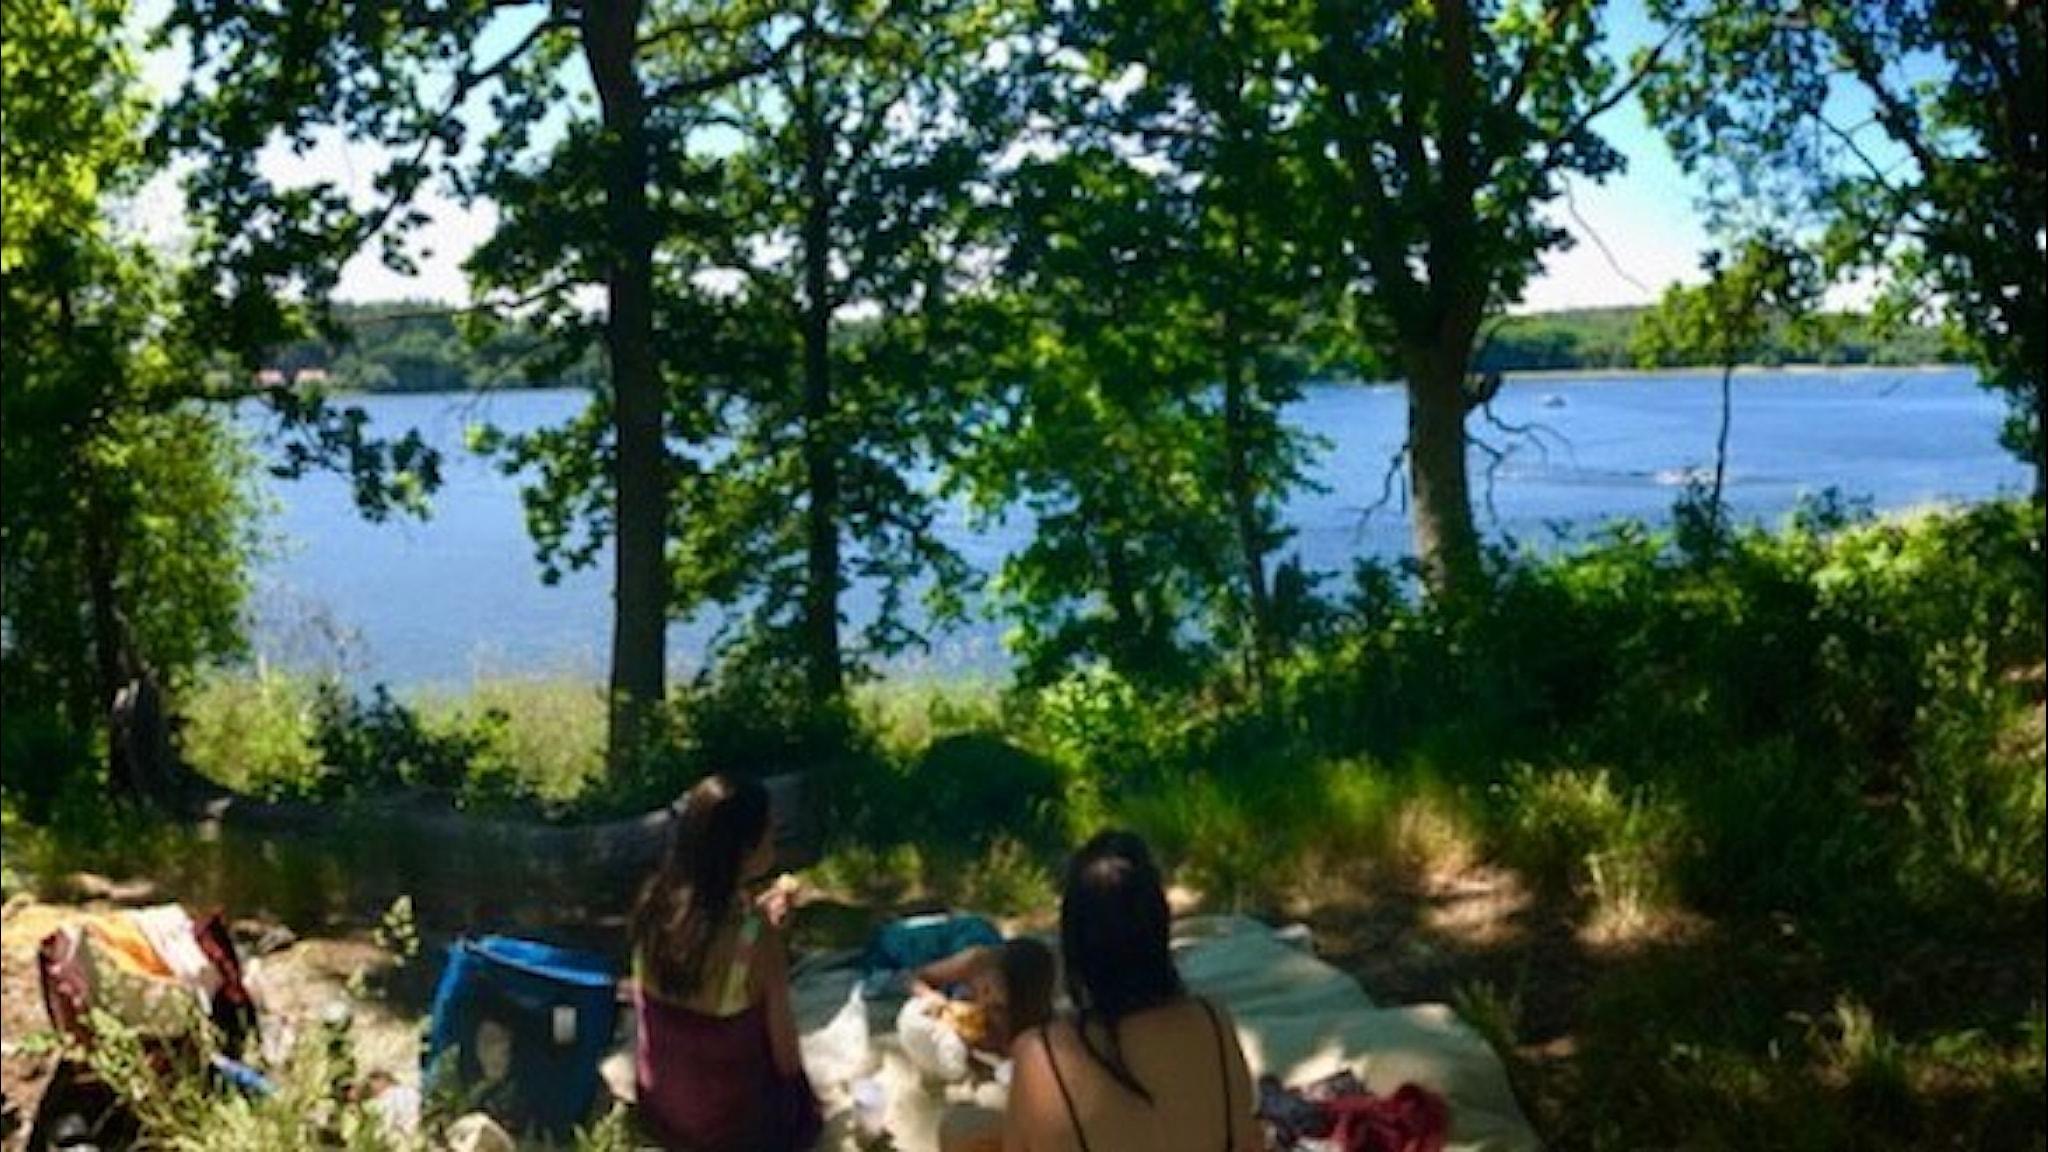 Picknick järven rannalla